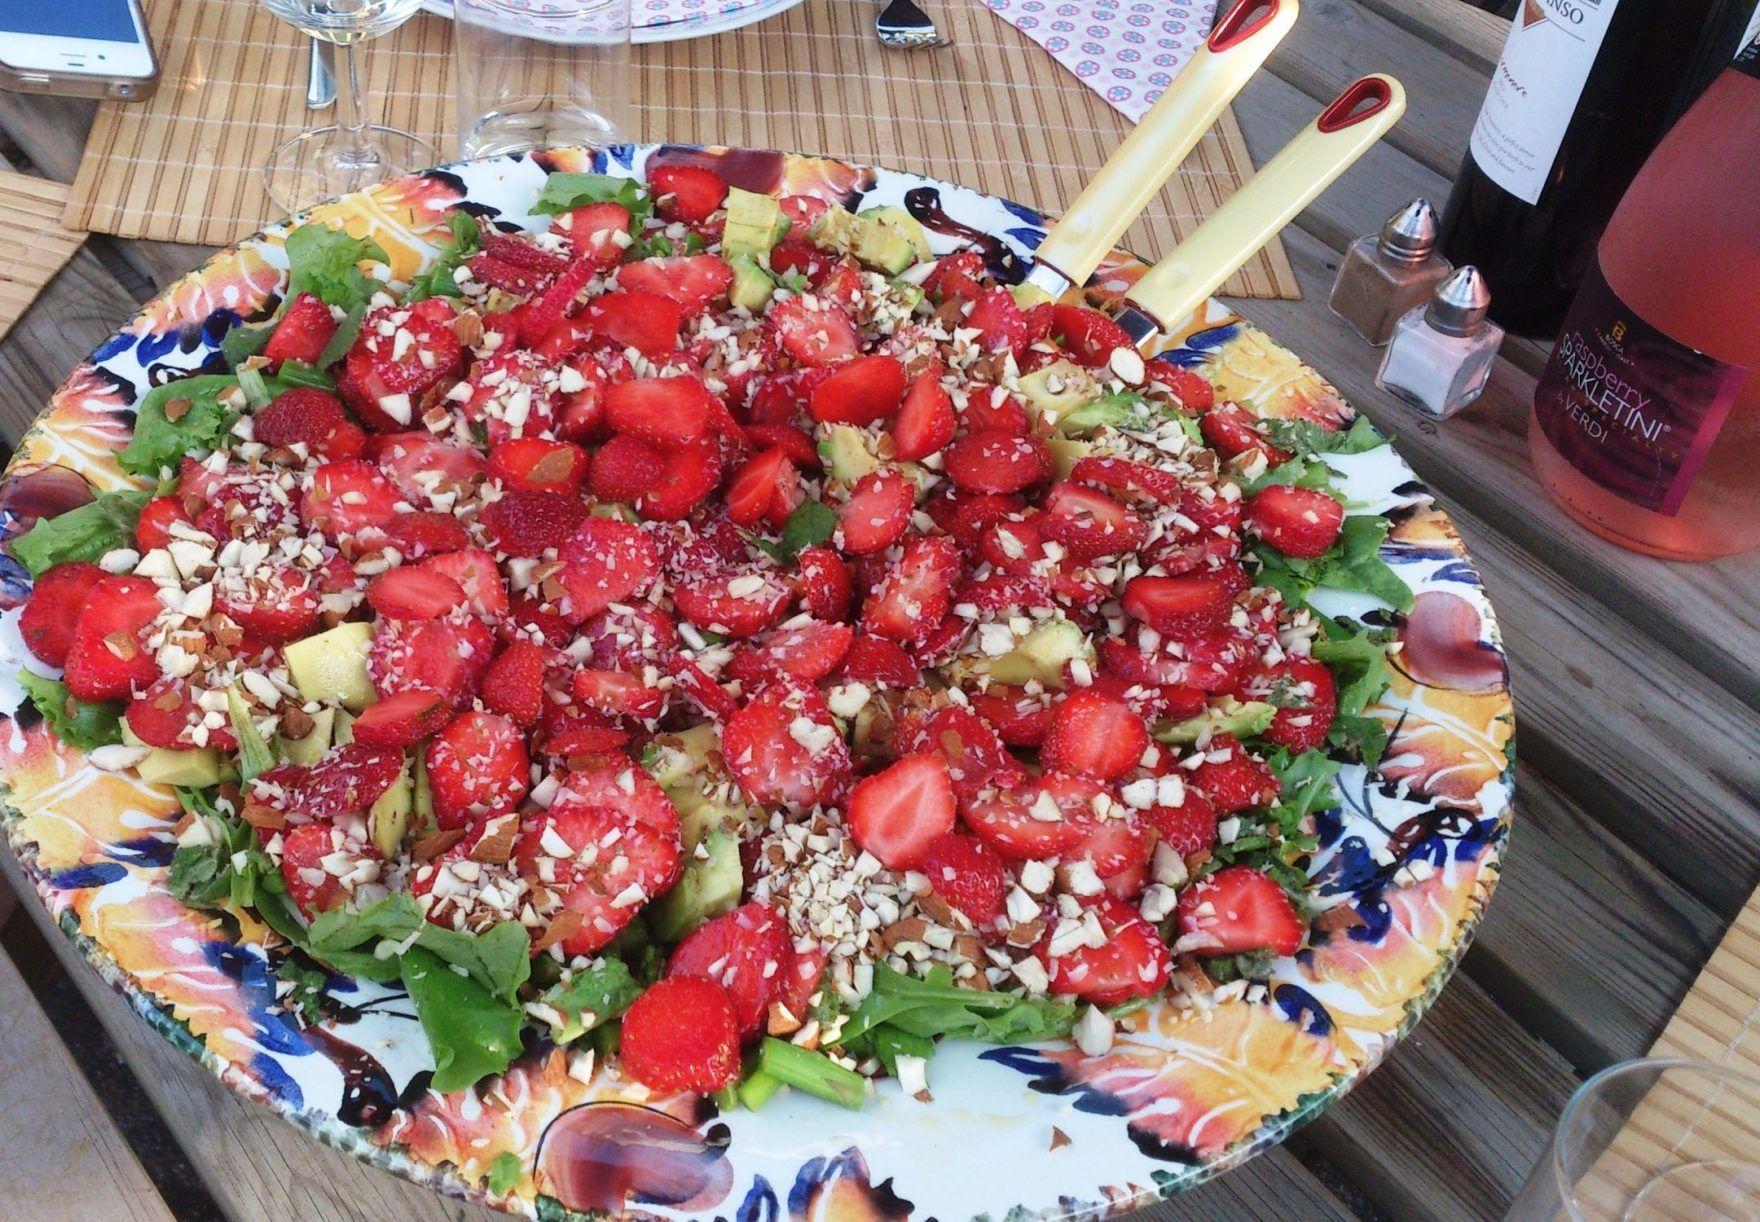 Jordbærsalat med friske asparges og spinat